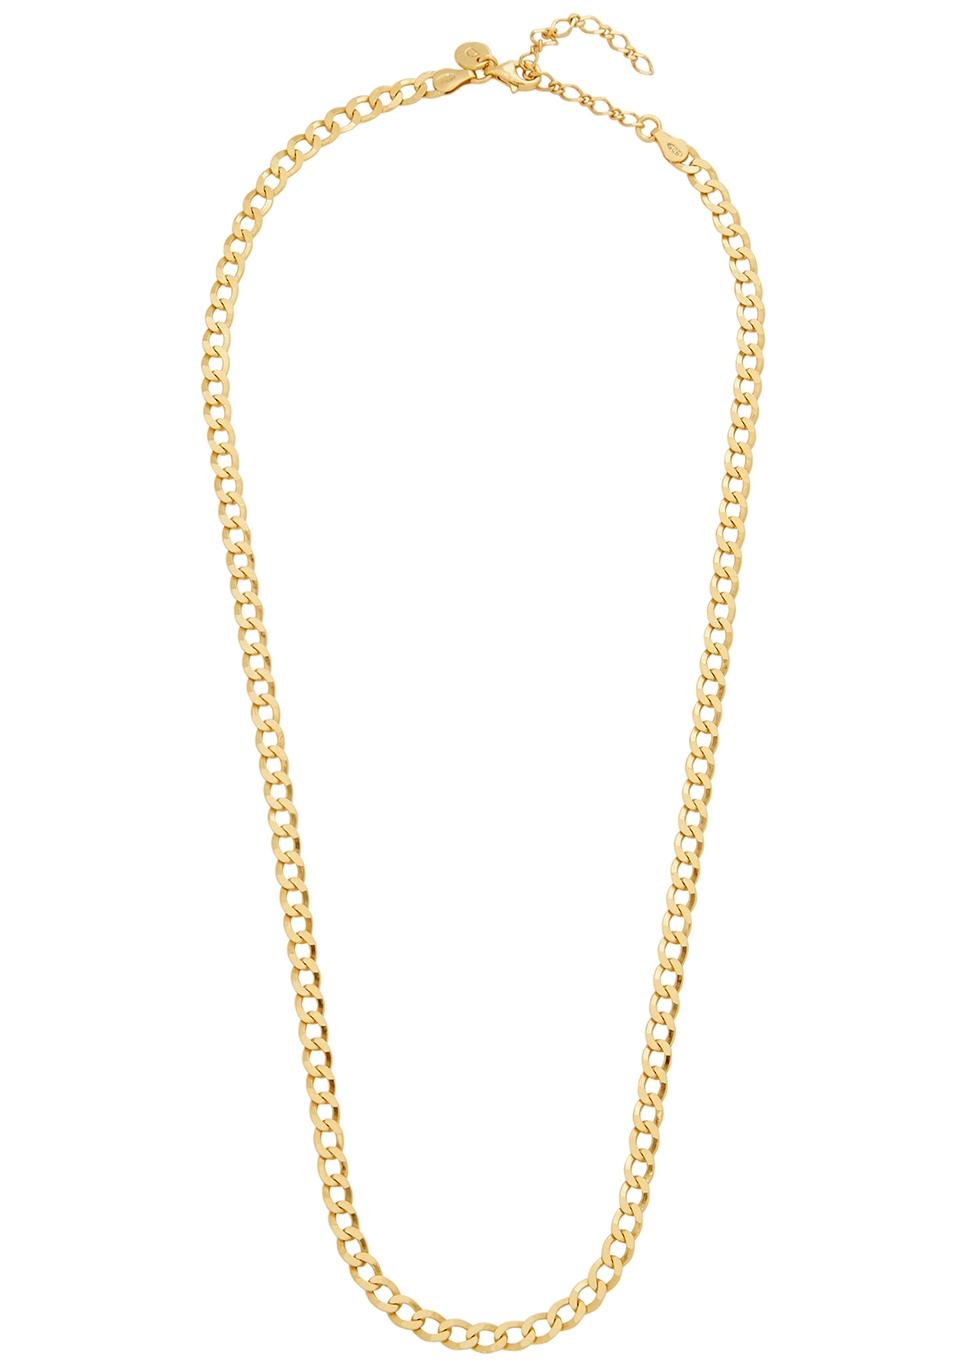 X Estée Lalonde 18kt gold-plated chain necklace